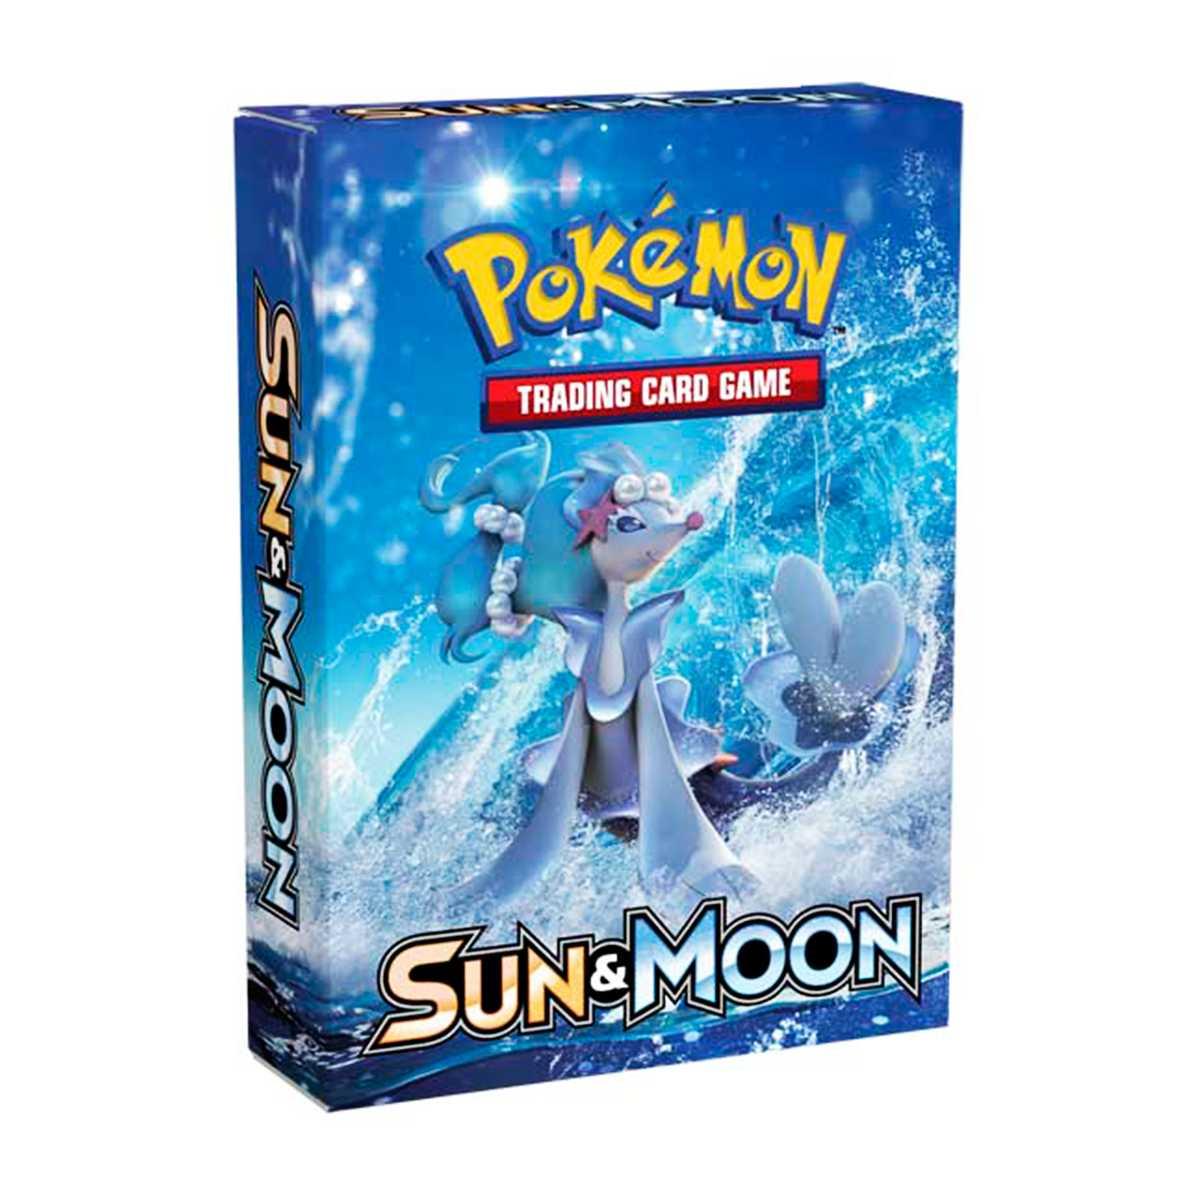 Pokemon Sol e Lua Deck Primarina GX